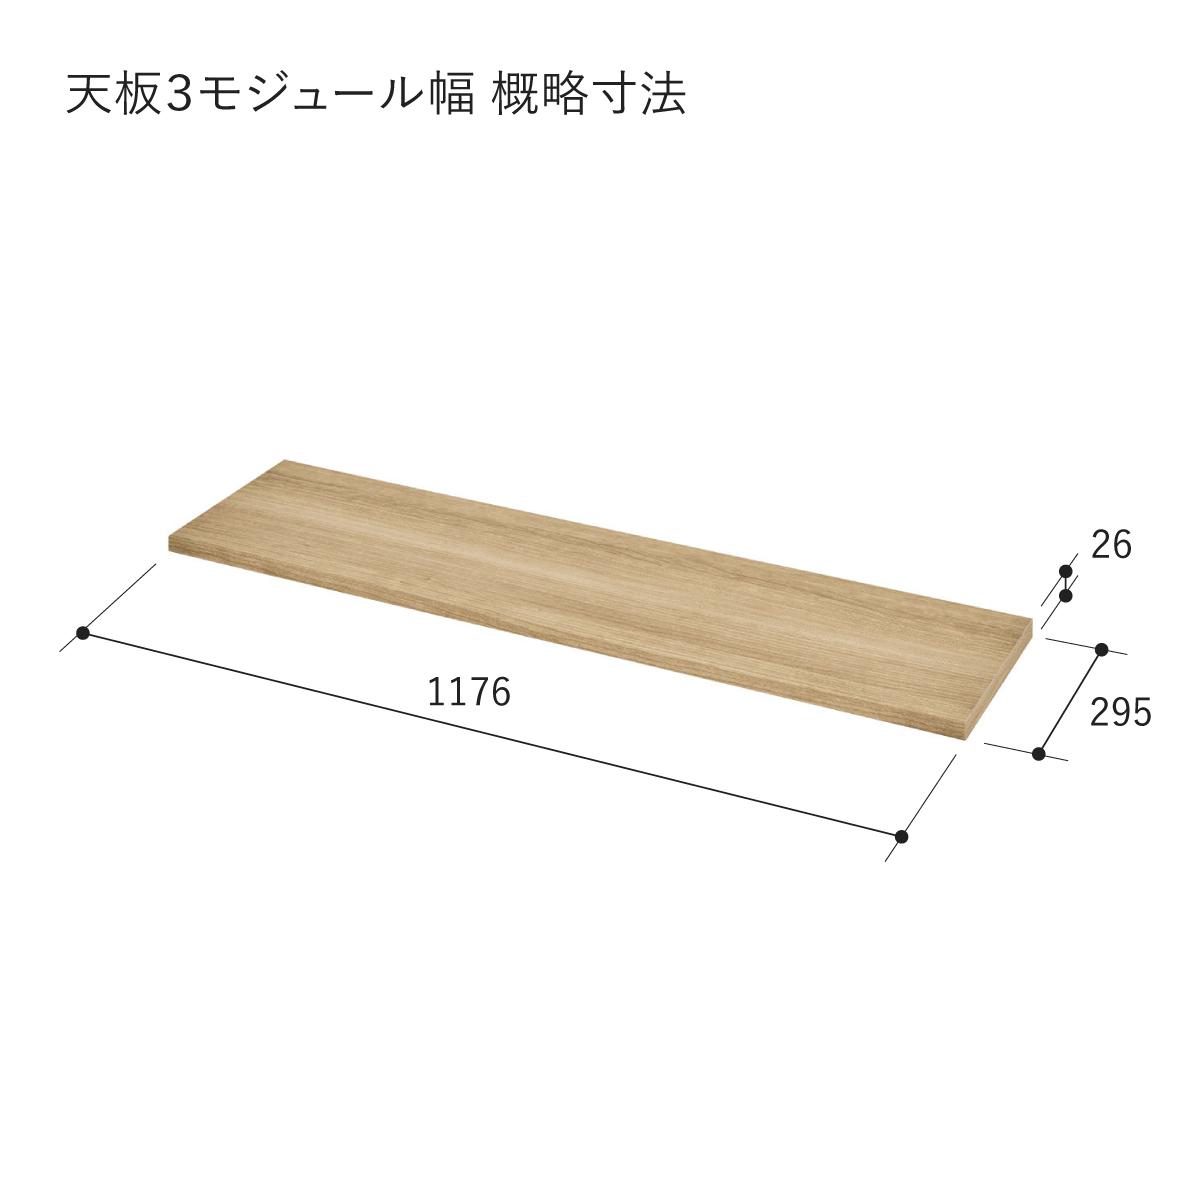 【V-TISS LIGHT】 天板 3モジュール幅(背面溝あり)